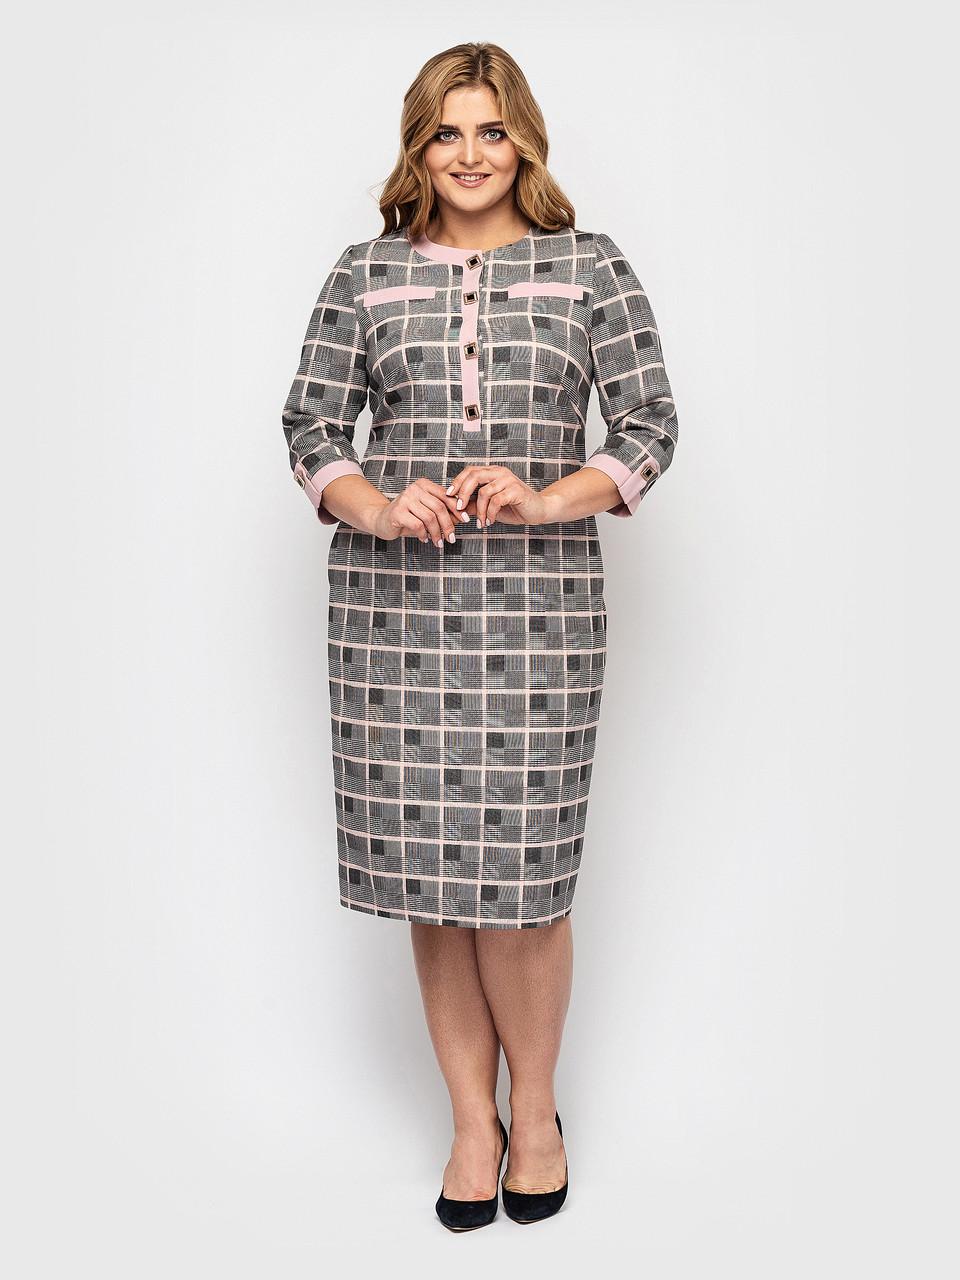 Женское платье Мирра клетка пудра